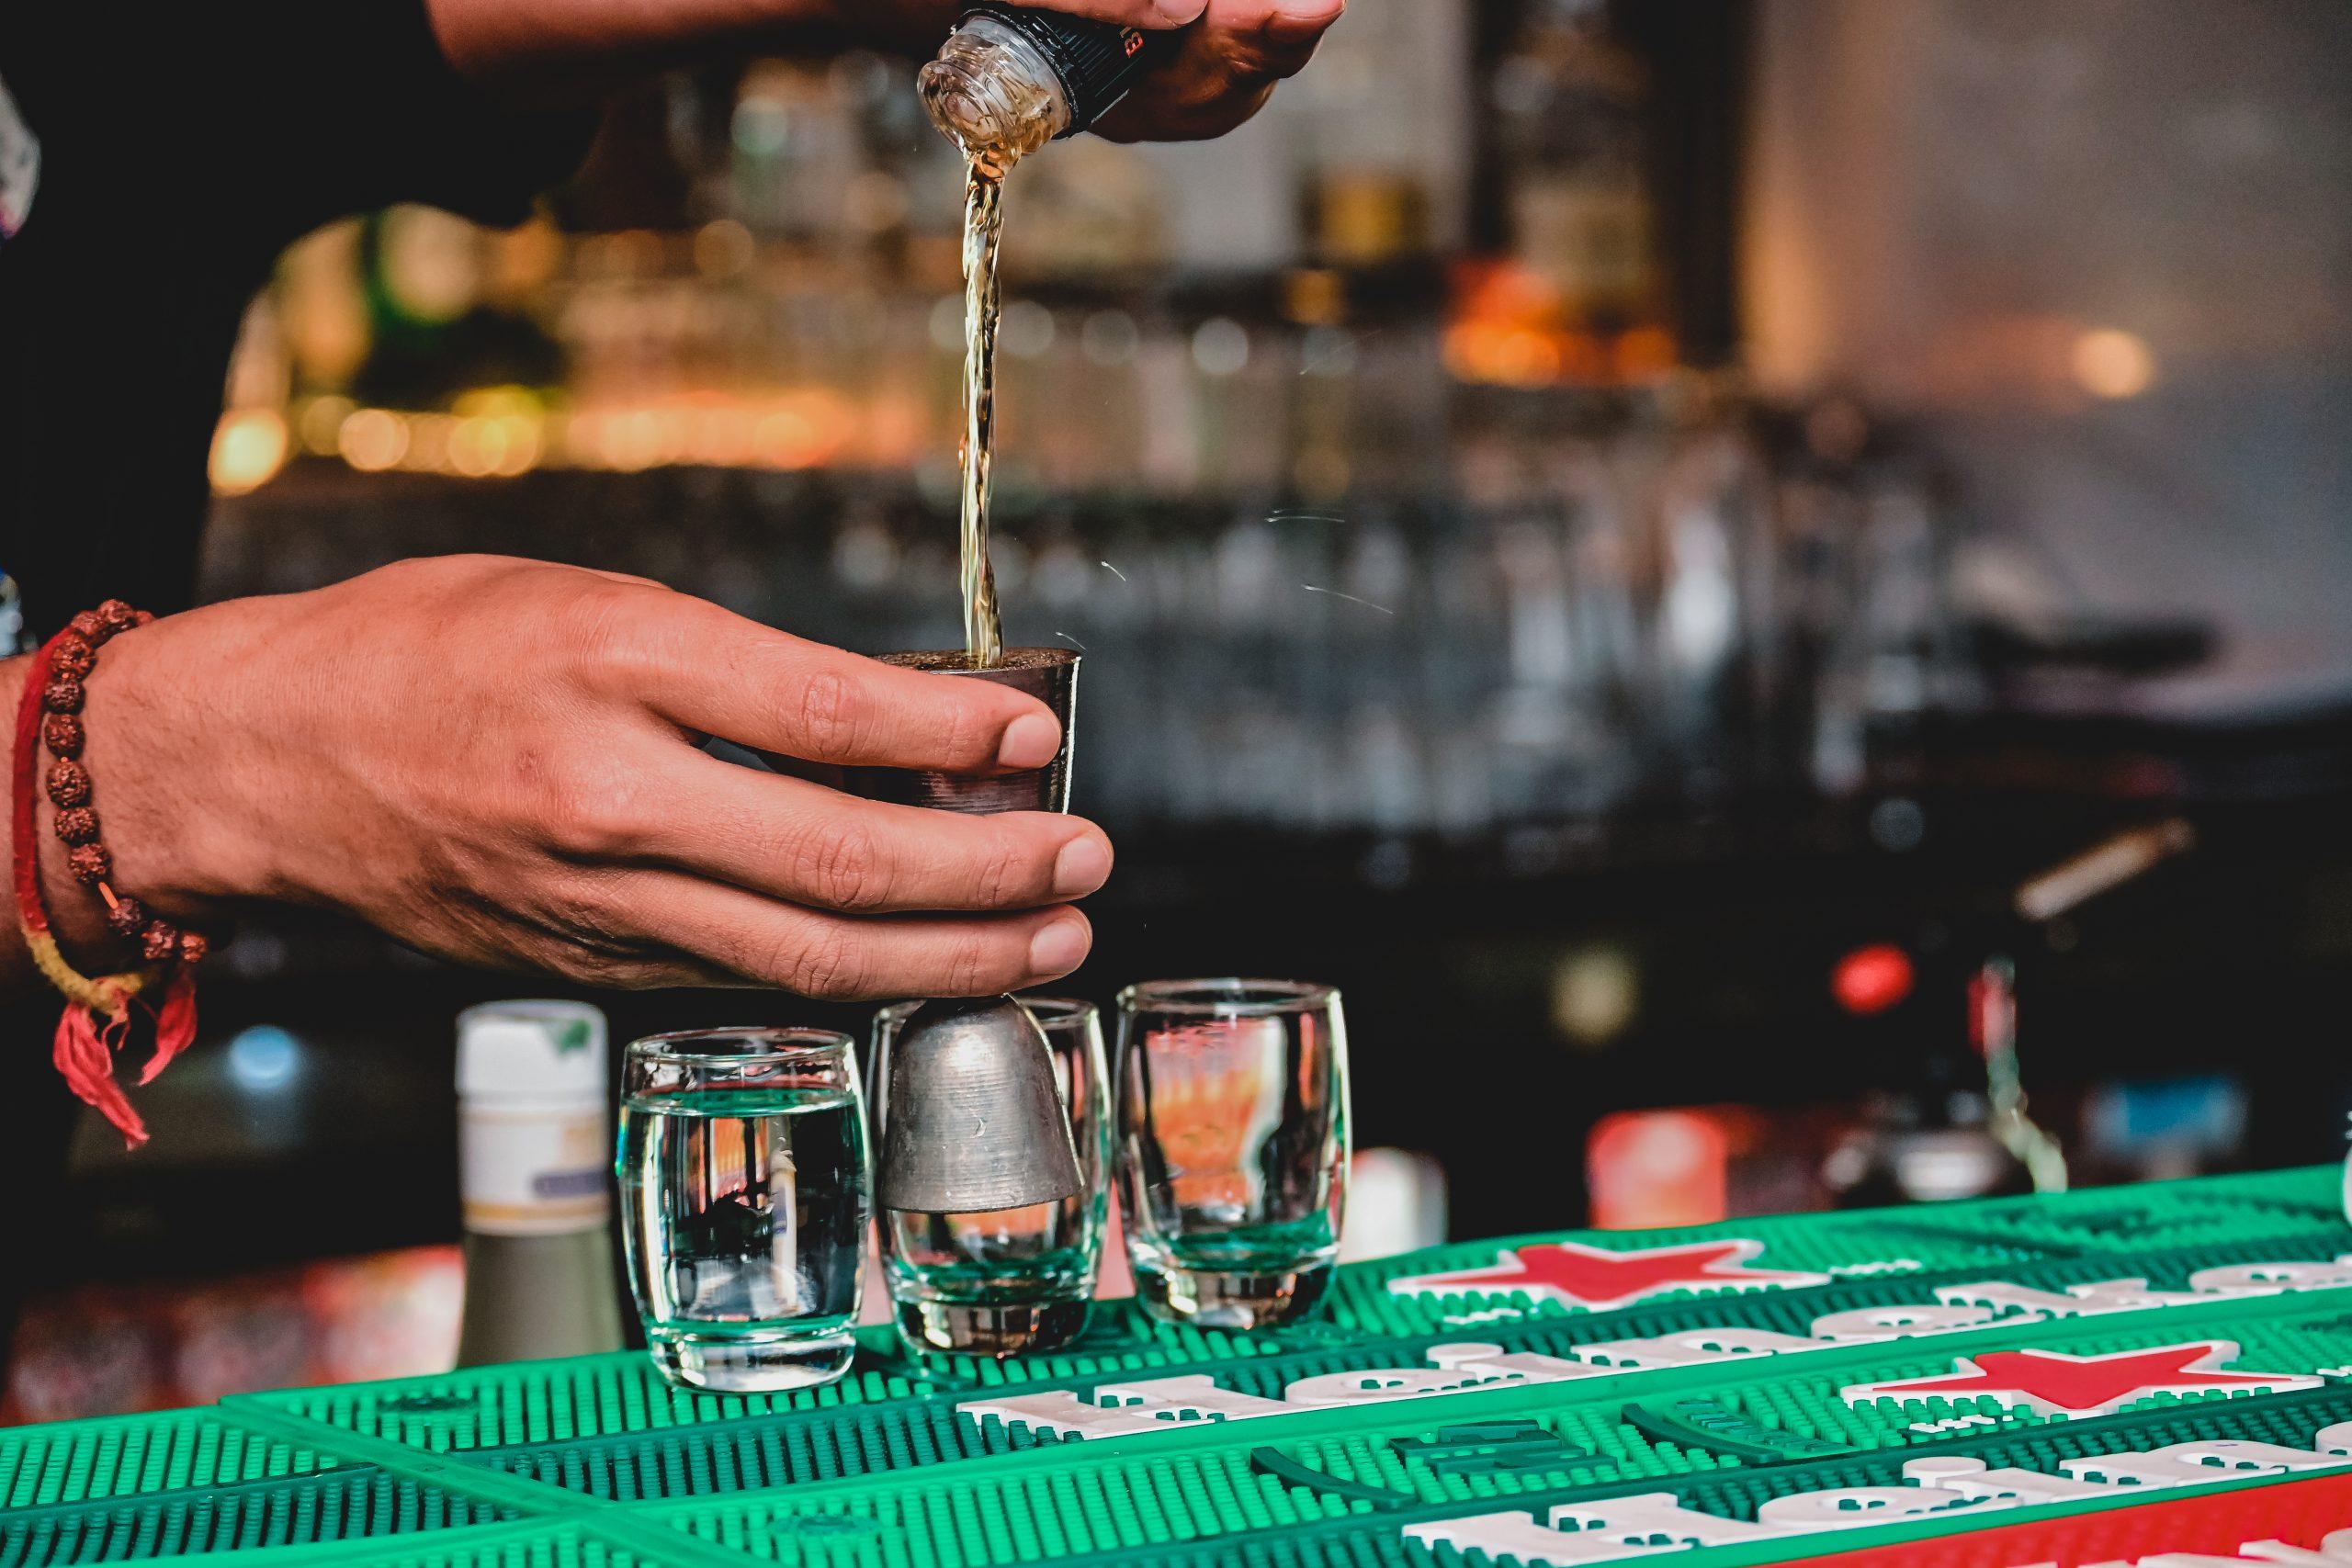 Bar tender making drinks